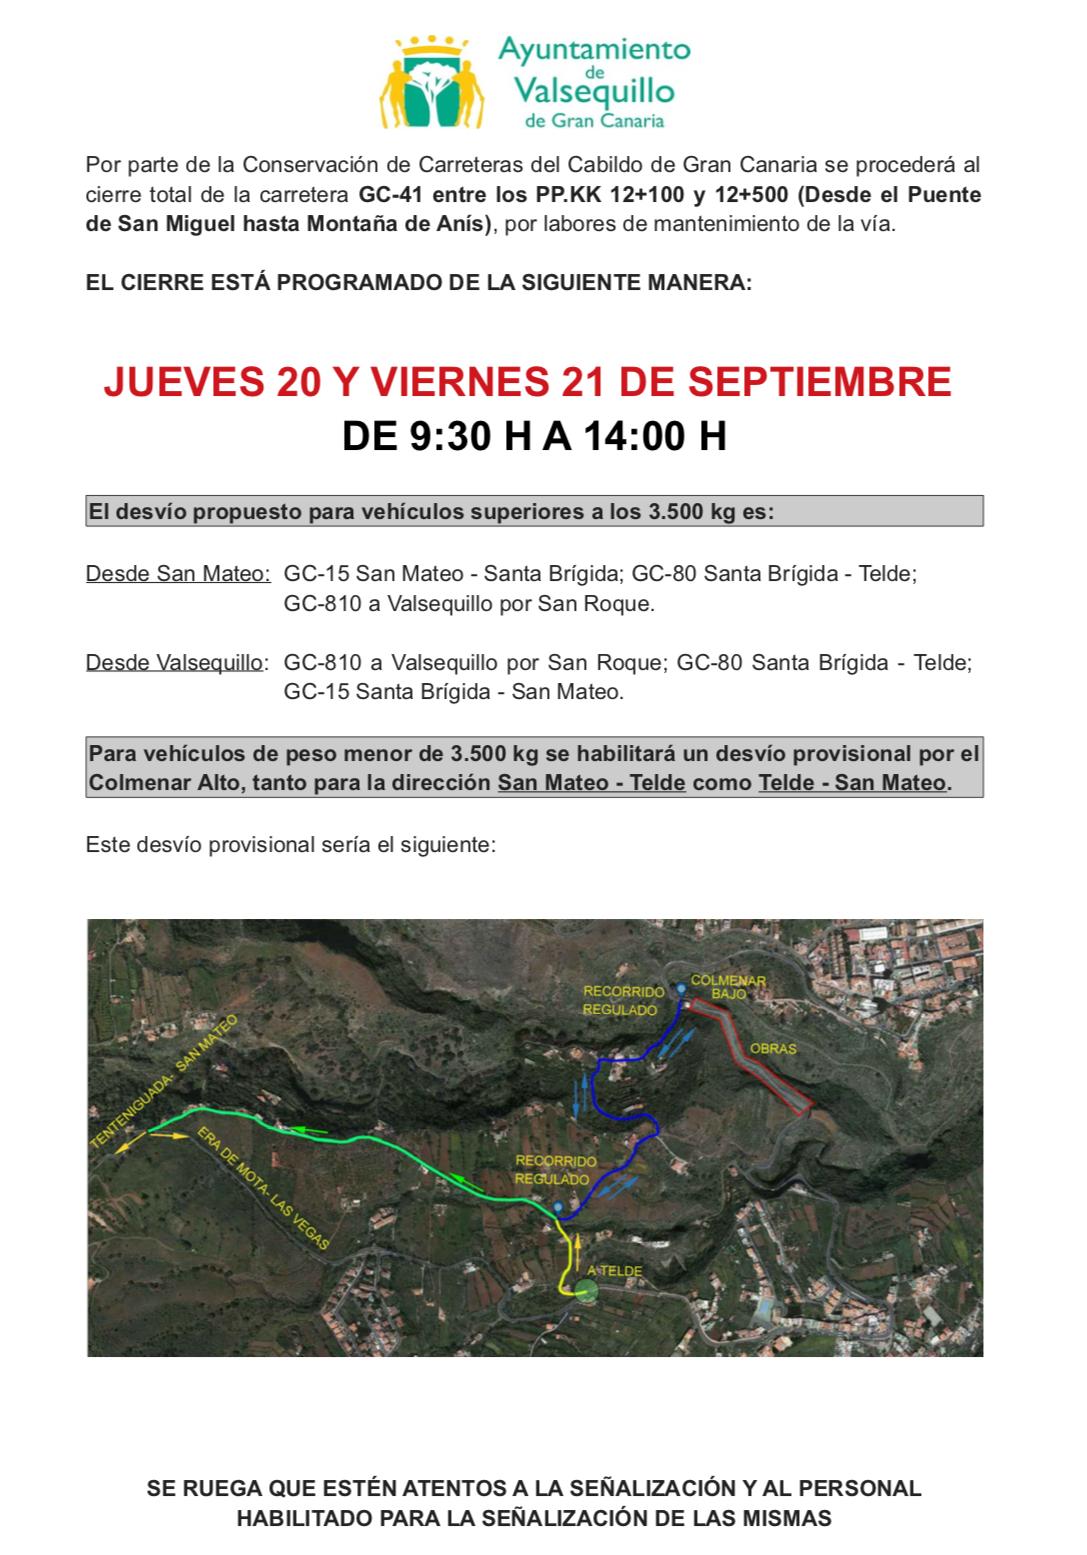 INFORMACIÓN: CIERRE DE GC-41